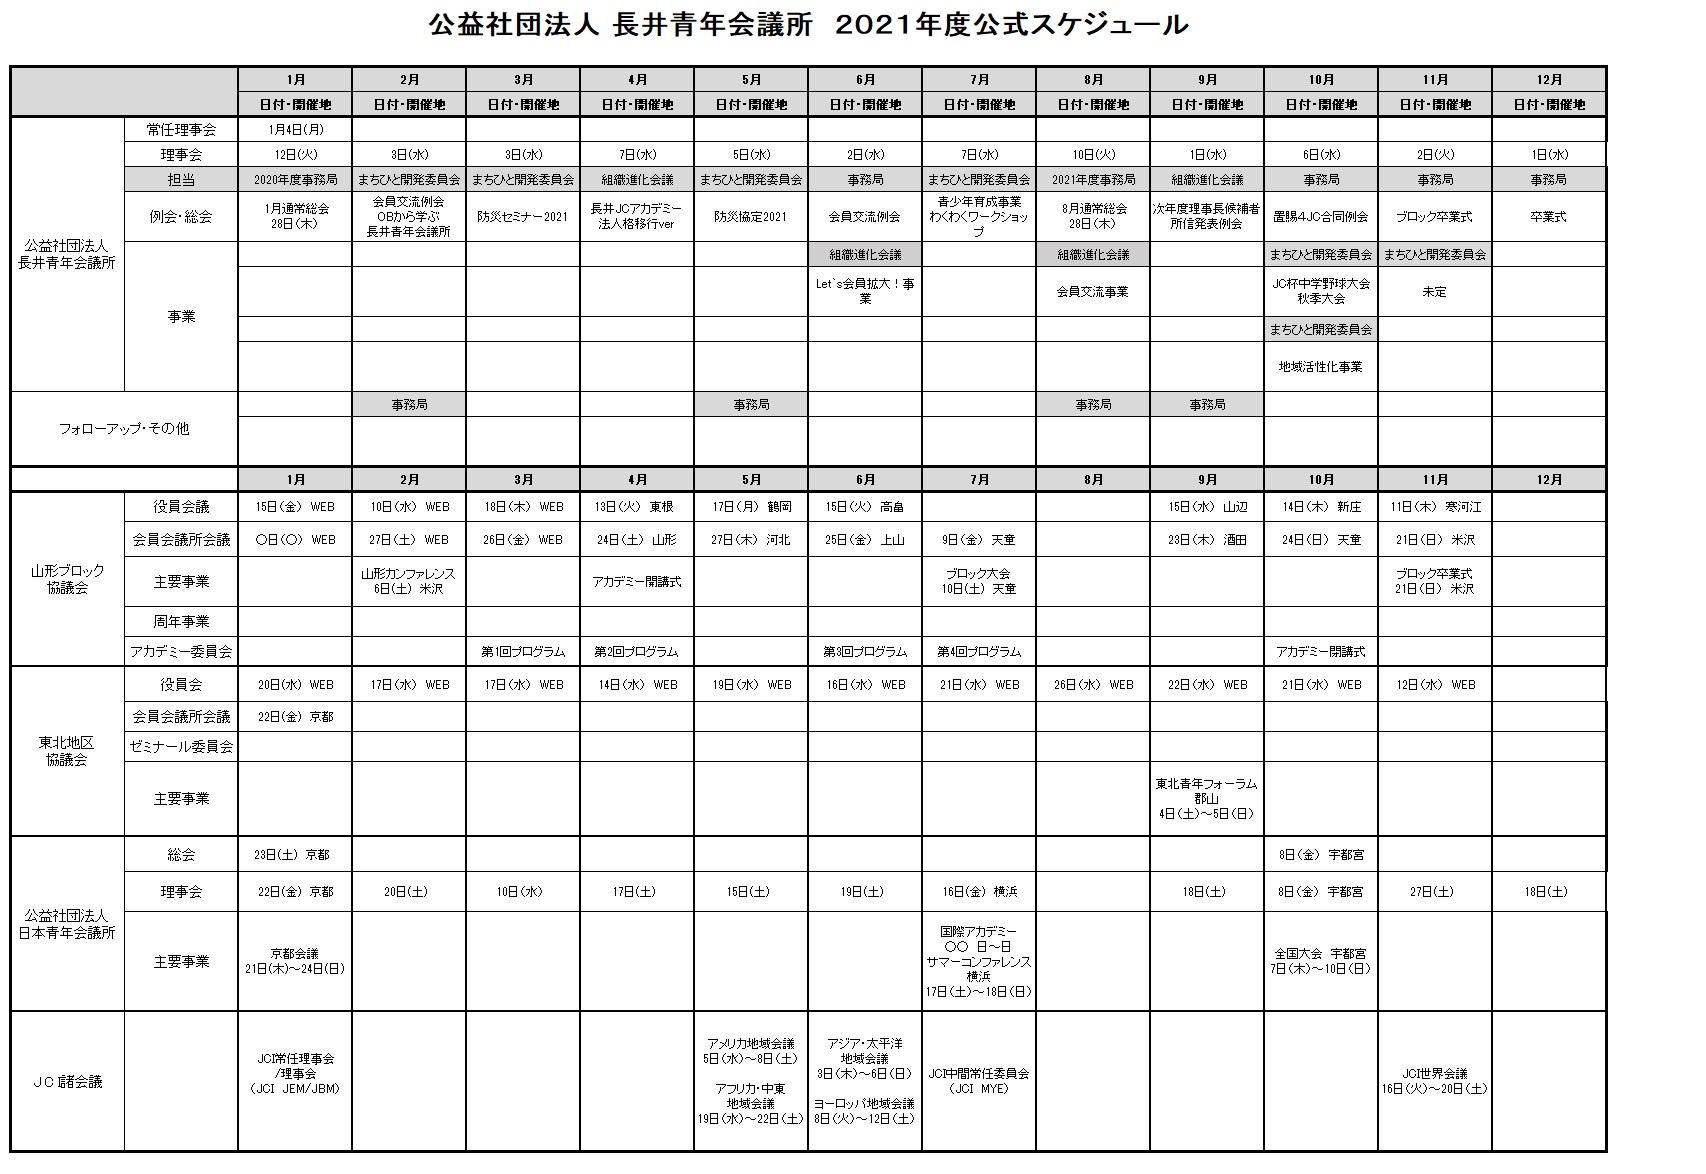 長井青年会議所 2021年公式スケジュール:画像